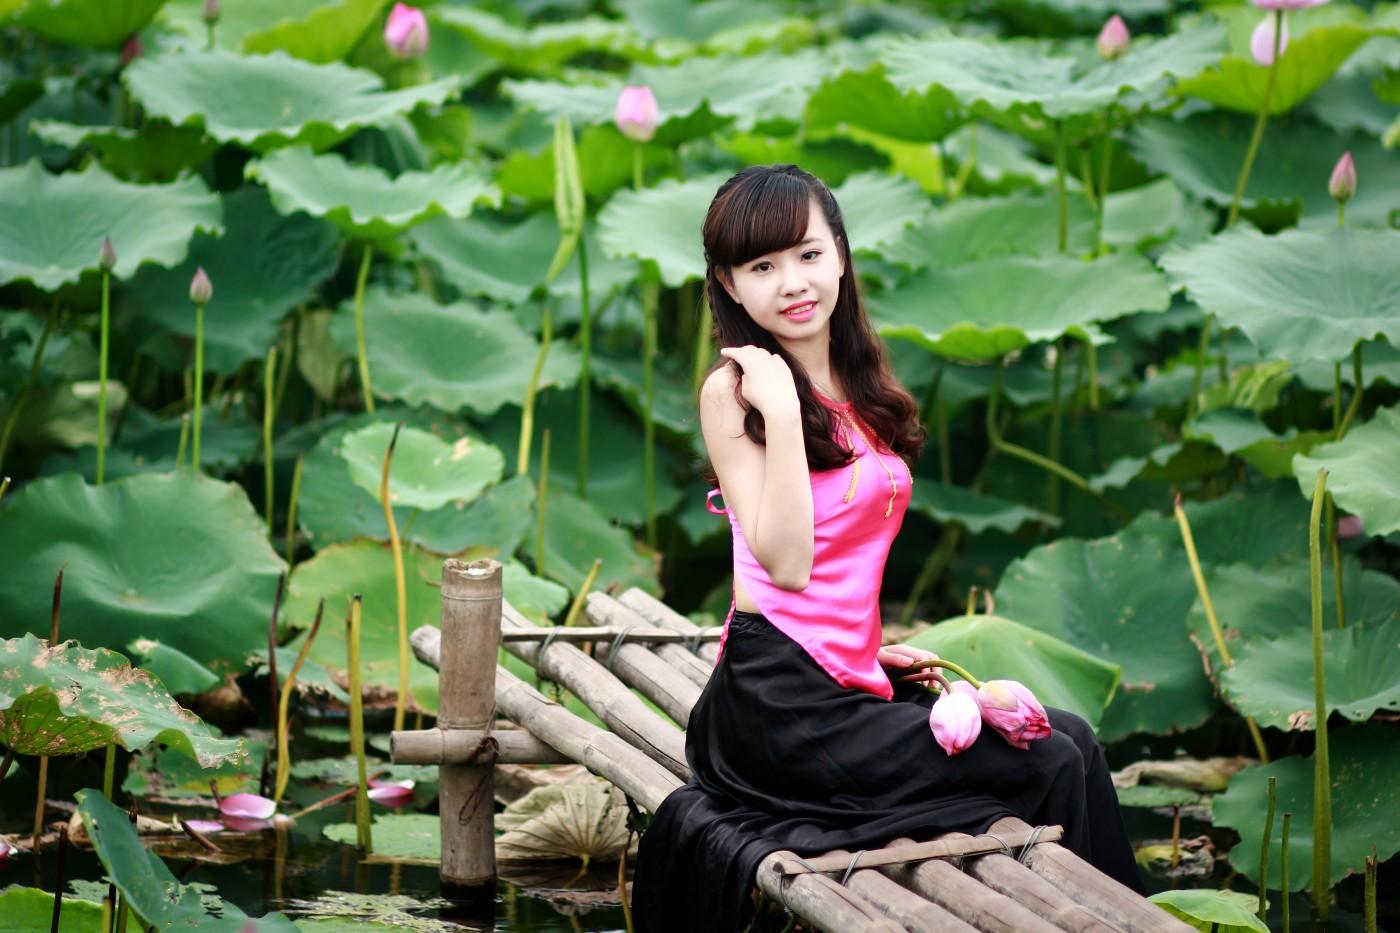 Áo yếm hồng váy đen